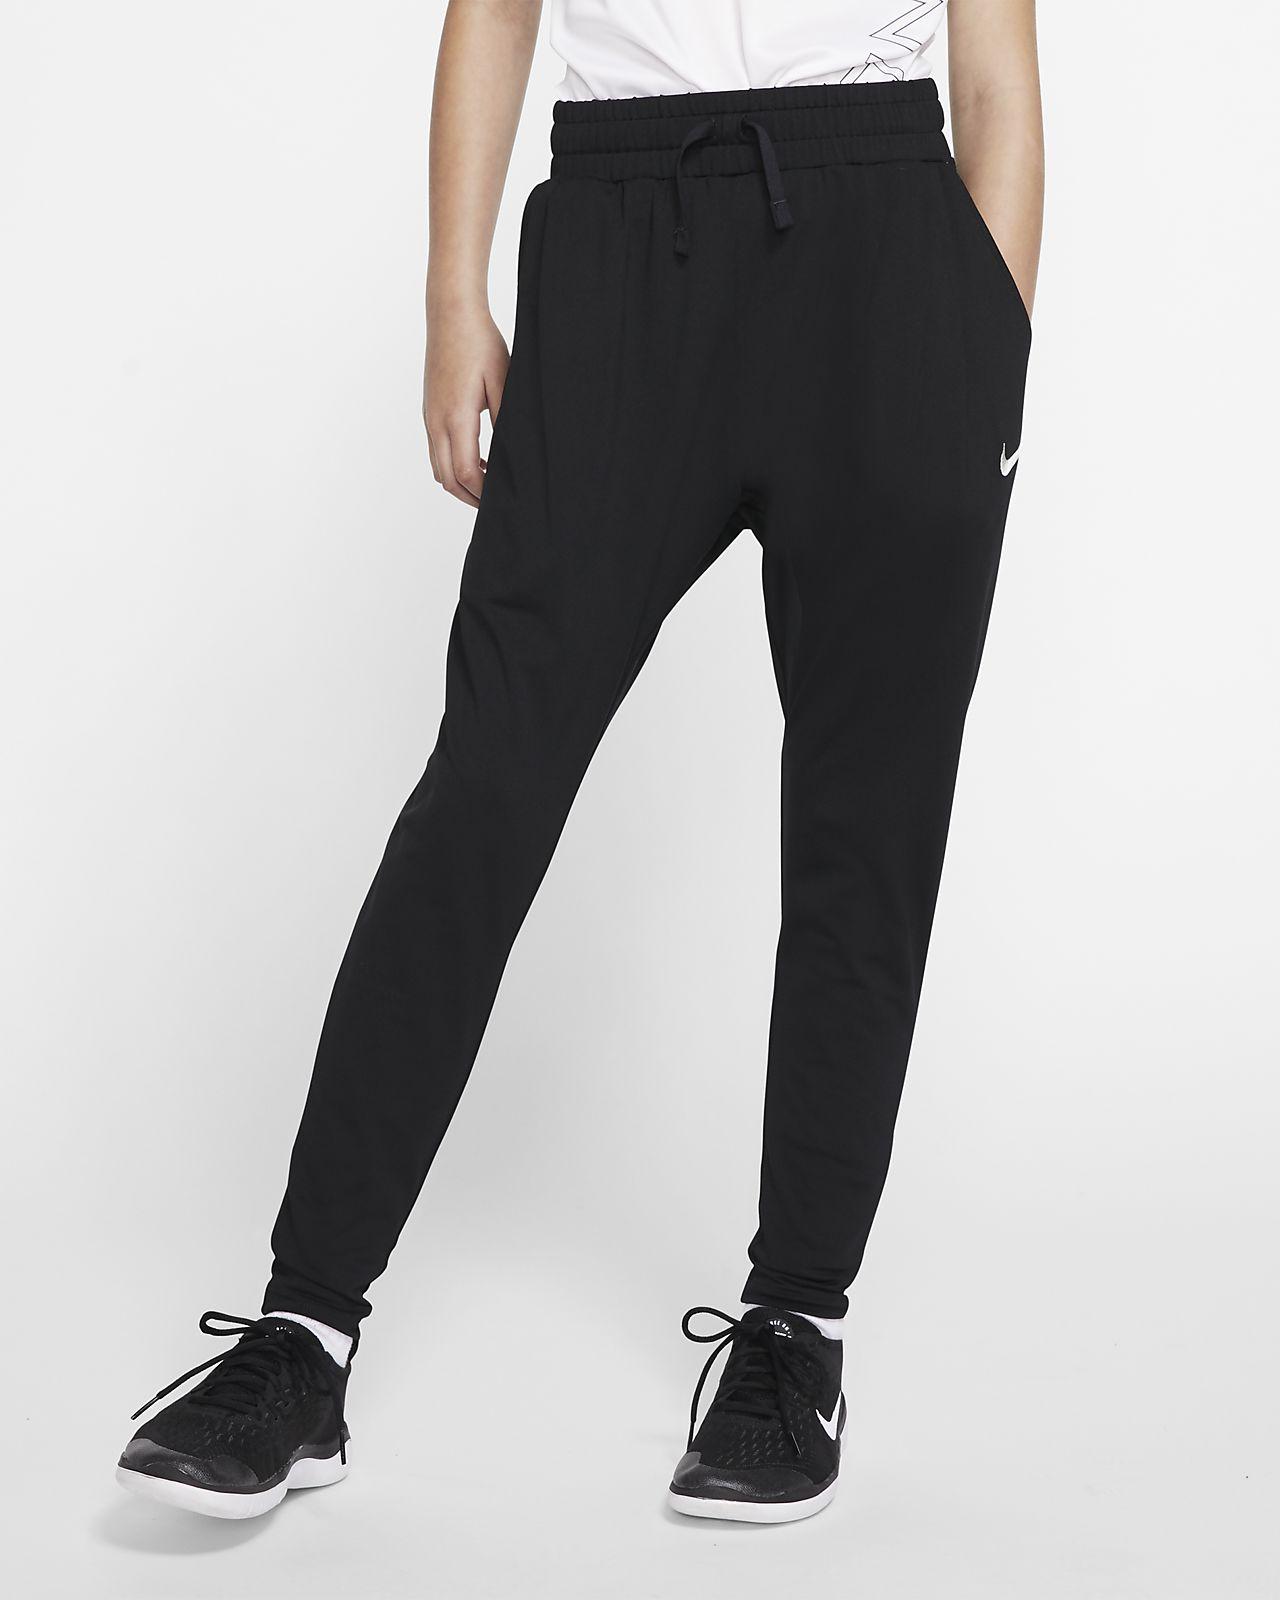 Nike Dri-FIT Studio 大童(女孩)训练长裤